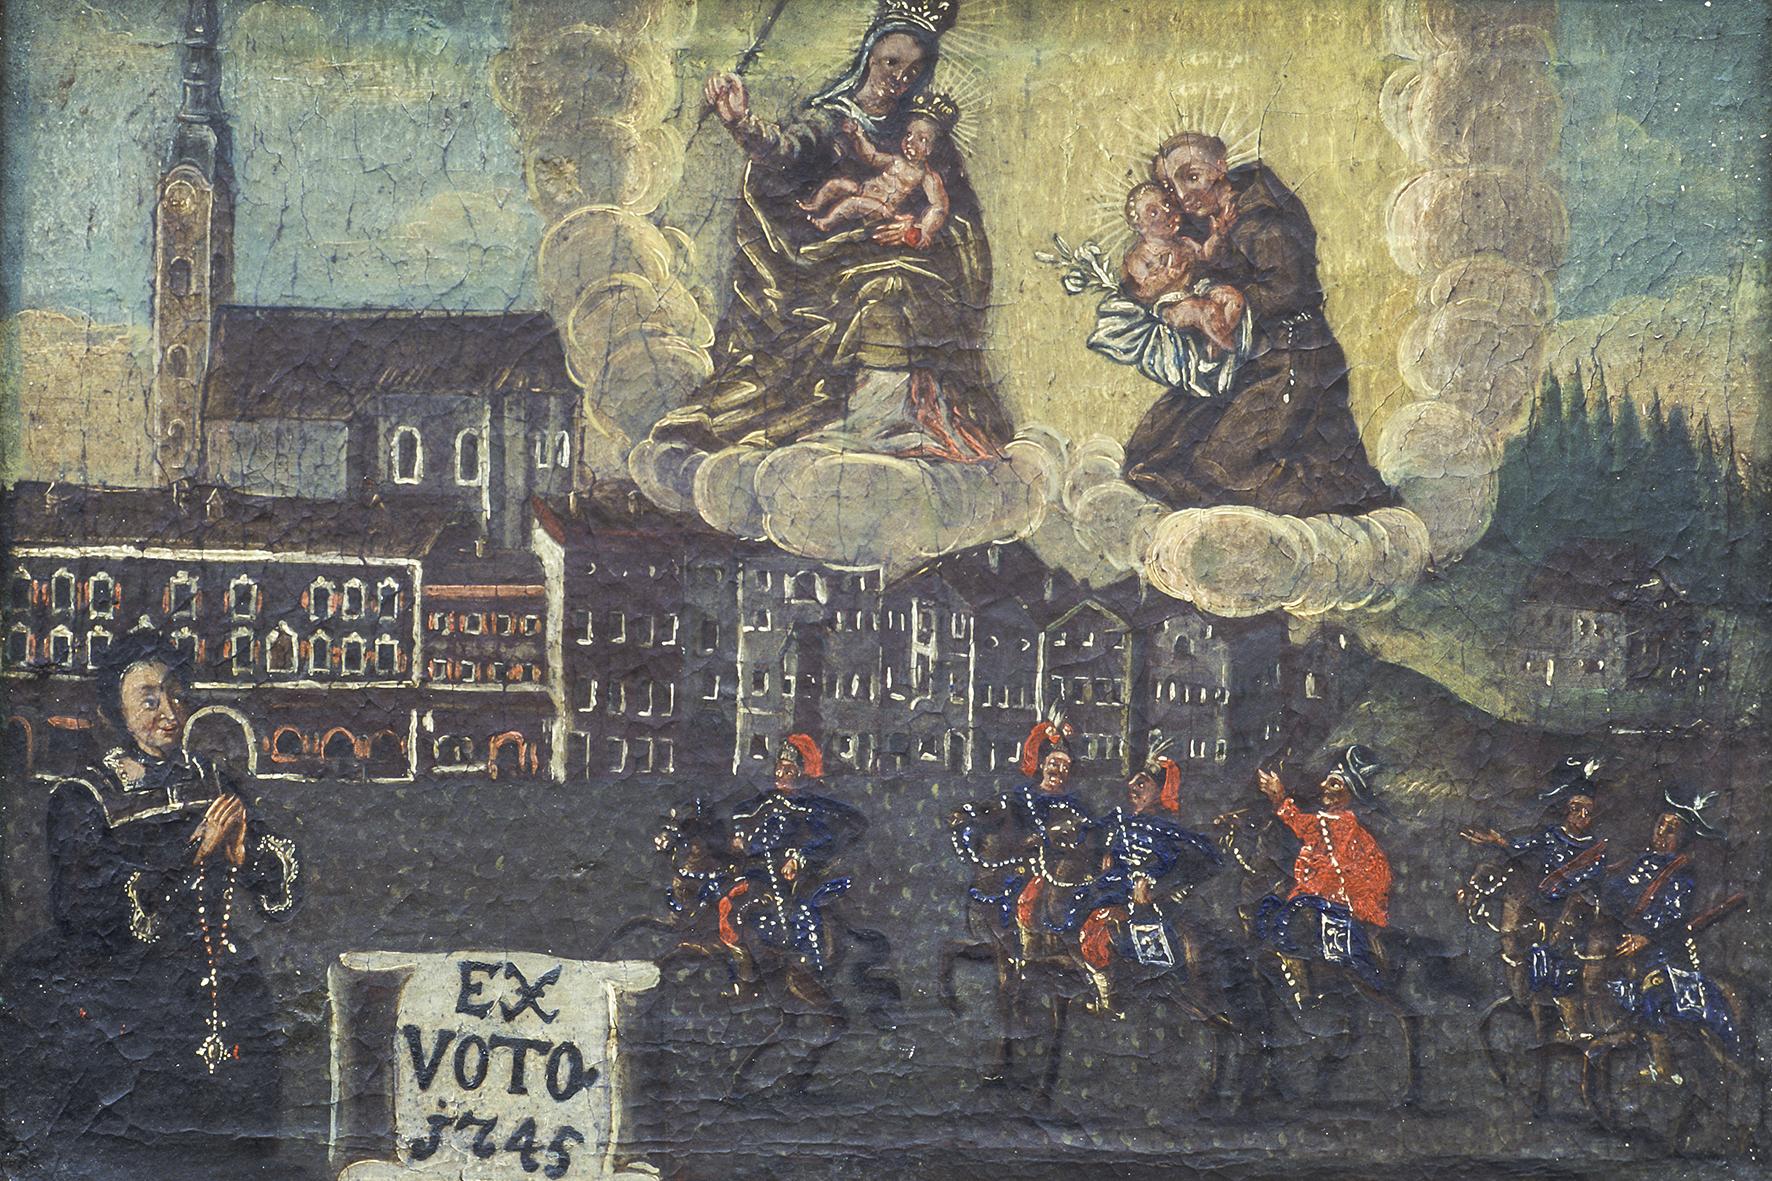 """Votivtafel 1745 """"Panduren-Einfall"""" - gemalt vermutl. v. Anton Elsässer (1682-1754): Einritt der Panduren unter Freiherr von der Trenk - nördliche Marktstraße © ROHA Fotothek Teisendorf"""